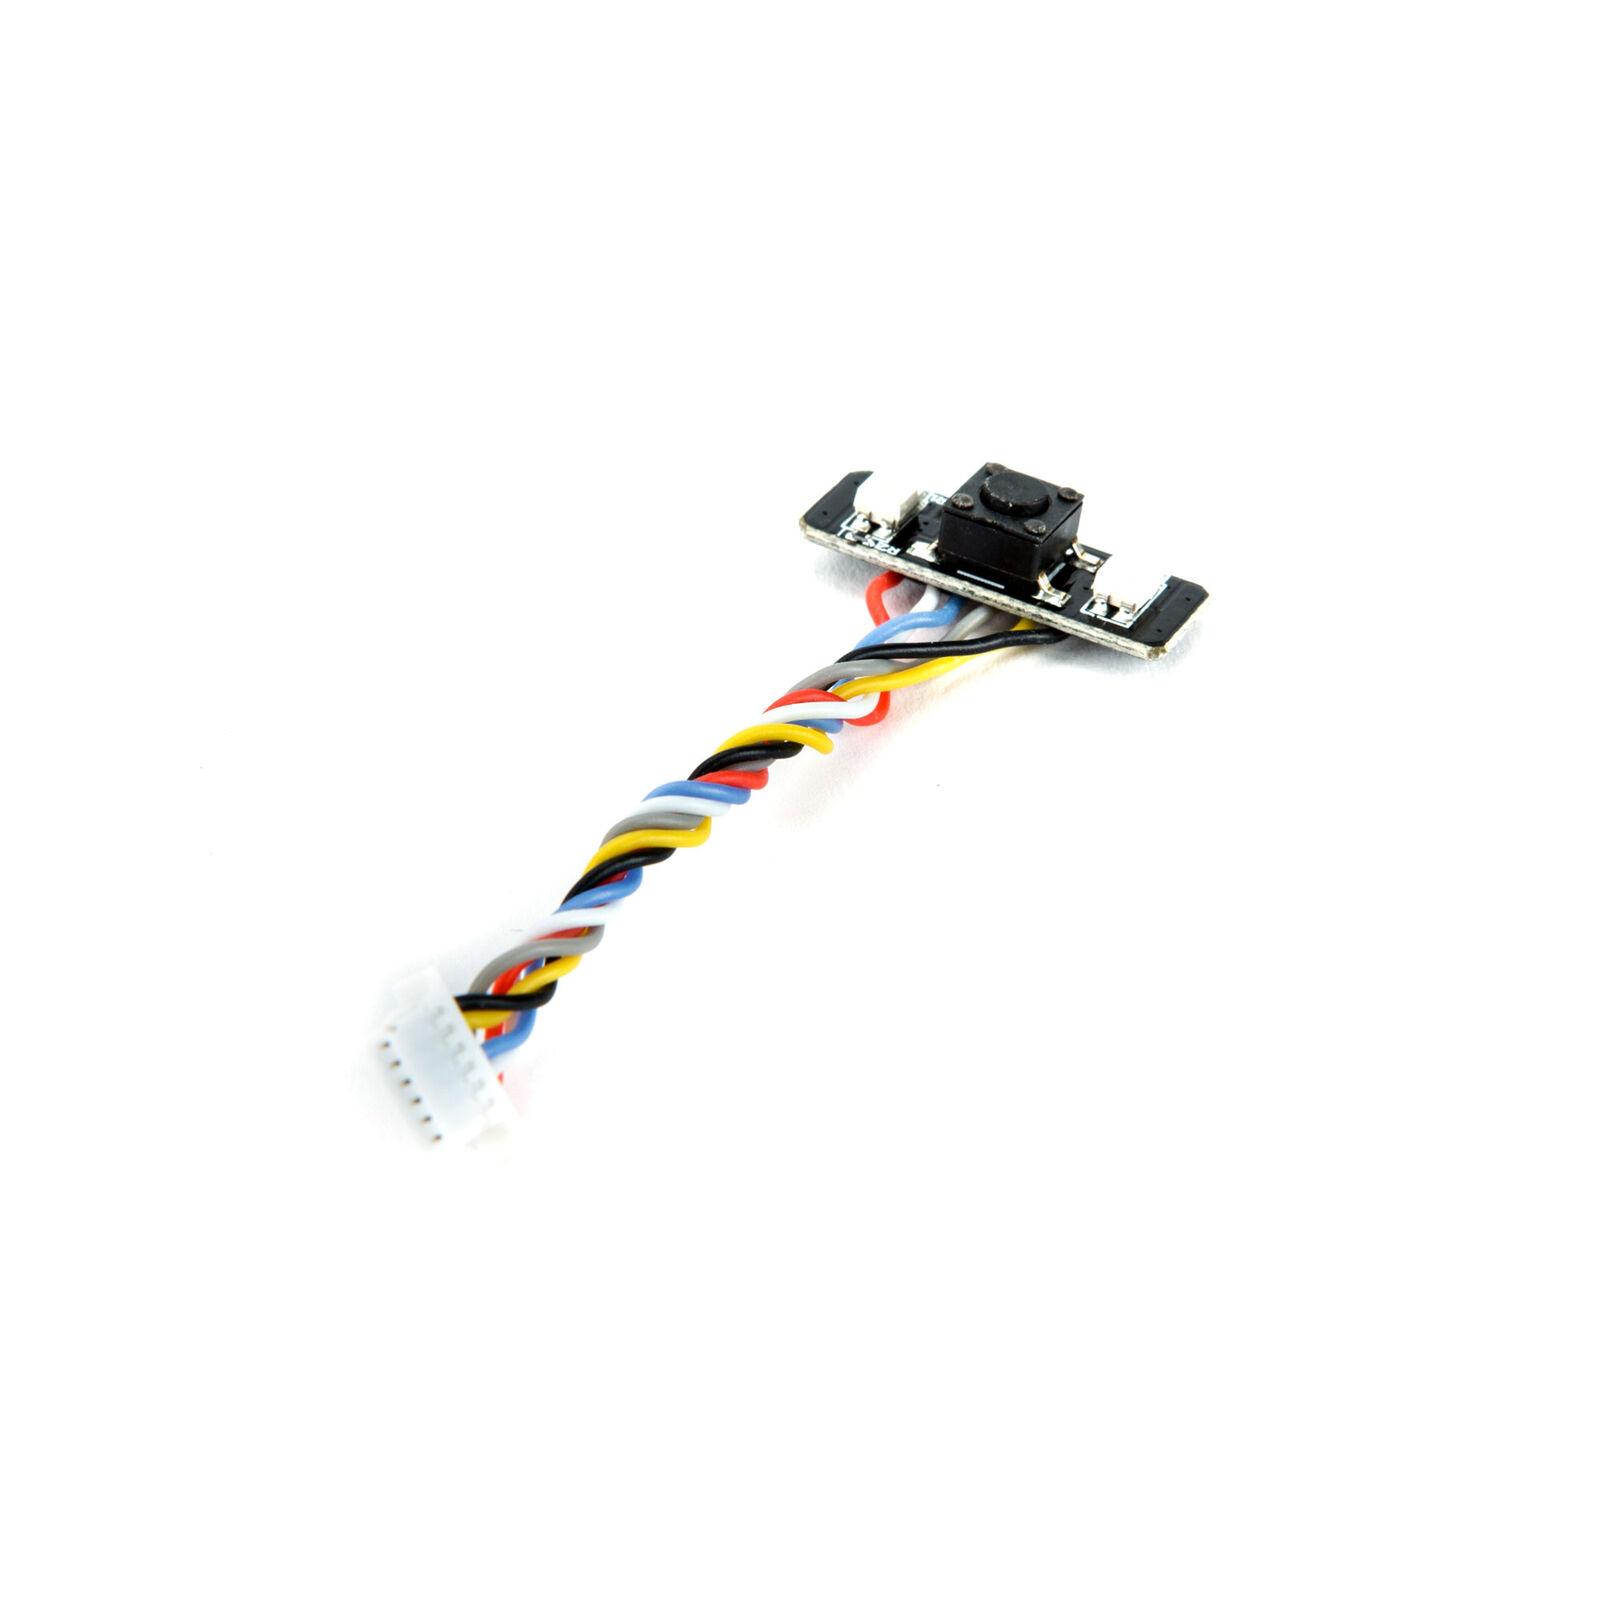 Inductrix 200 - Interrupteur d'alimentation